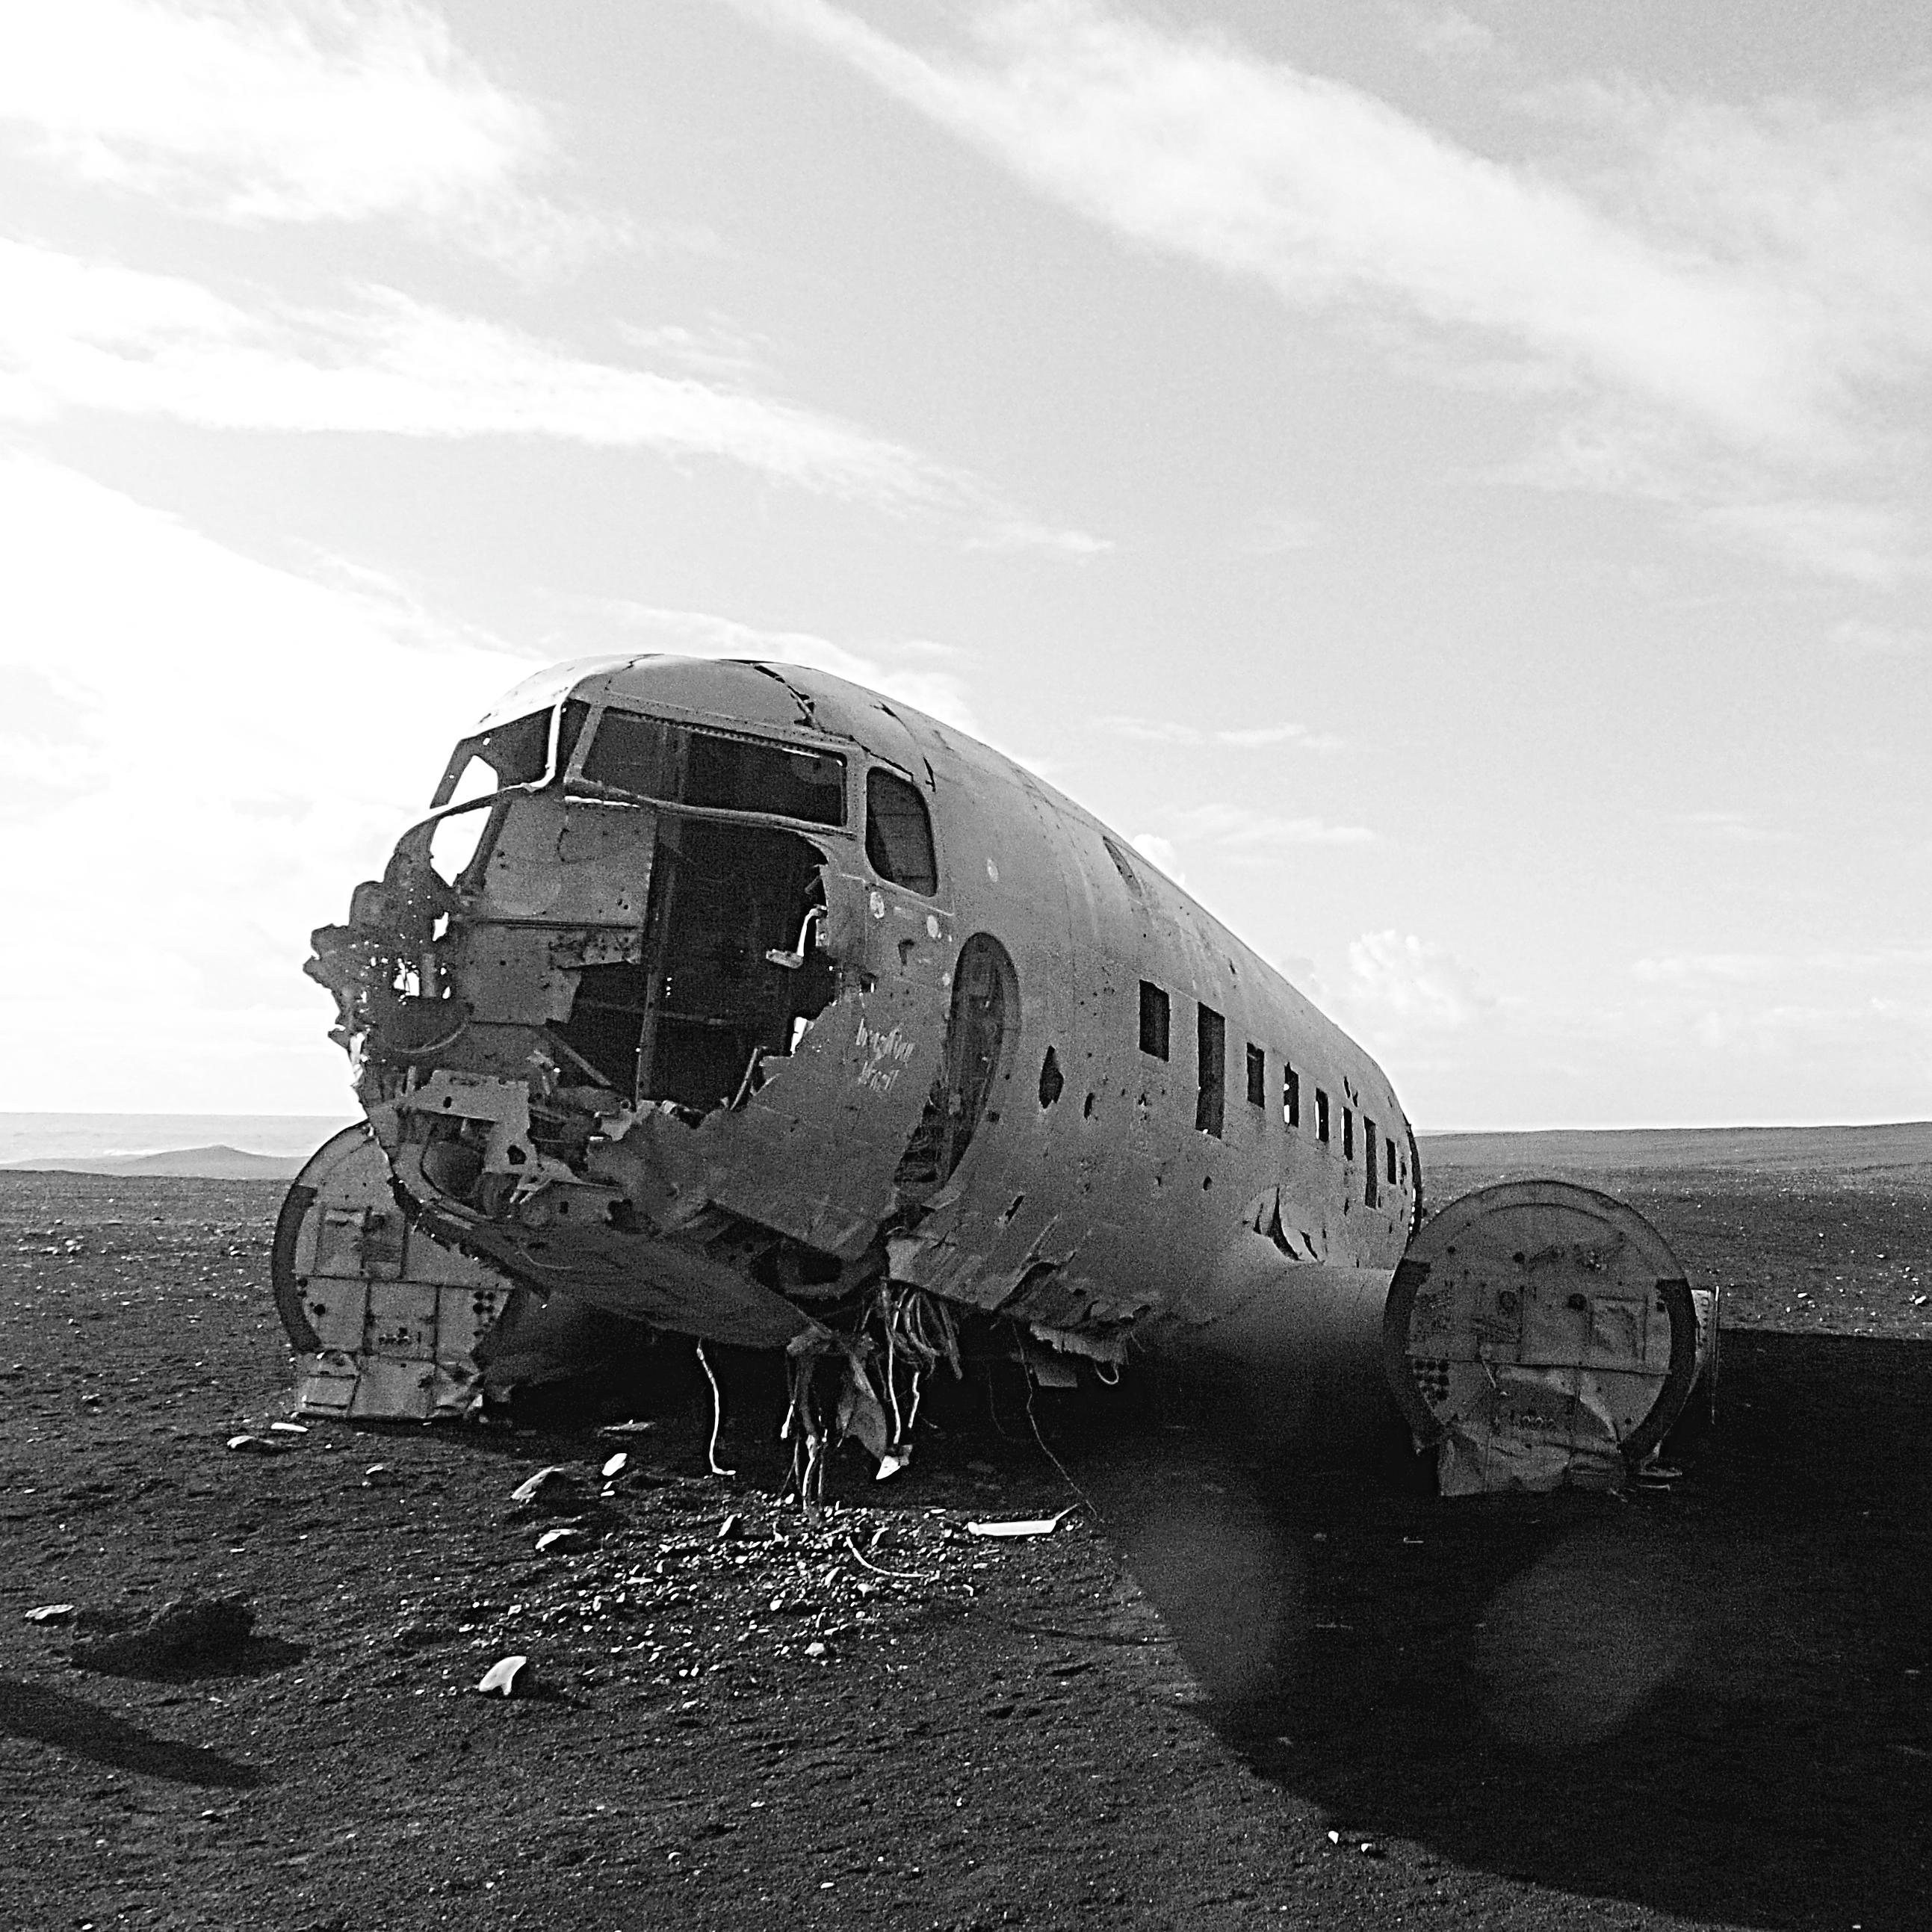 Sólheimasandur Plane Crash - Iceland